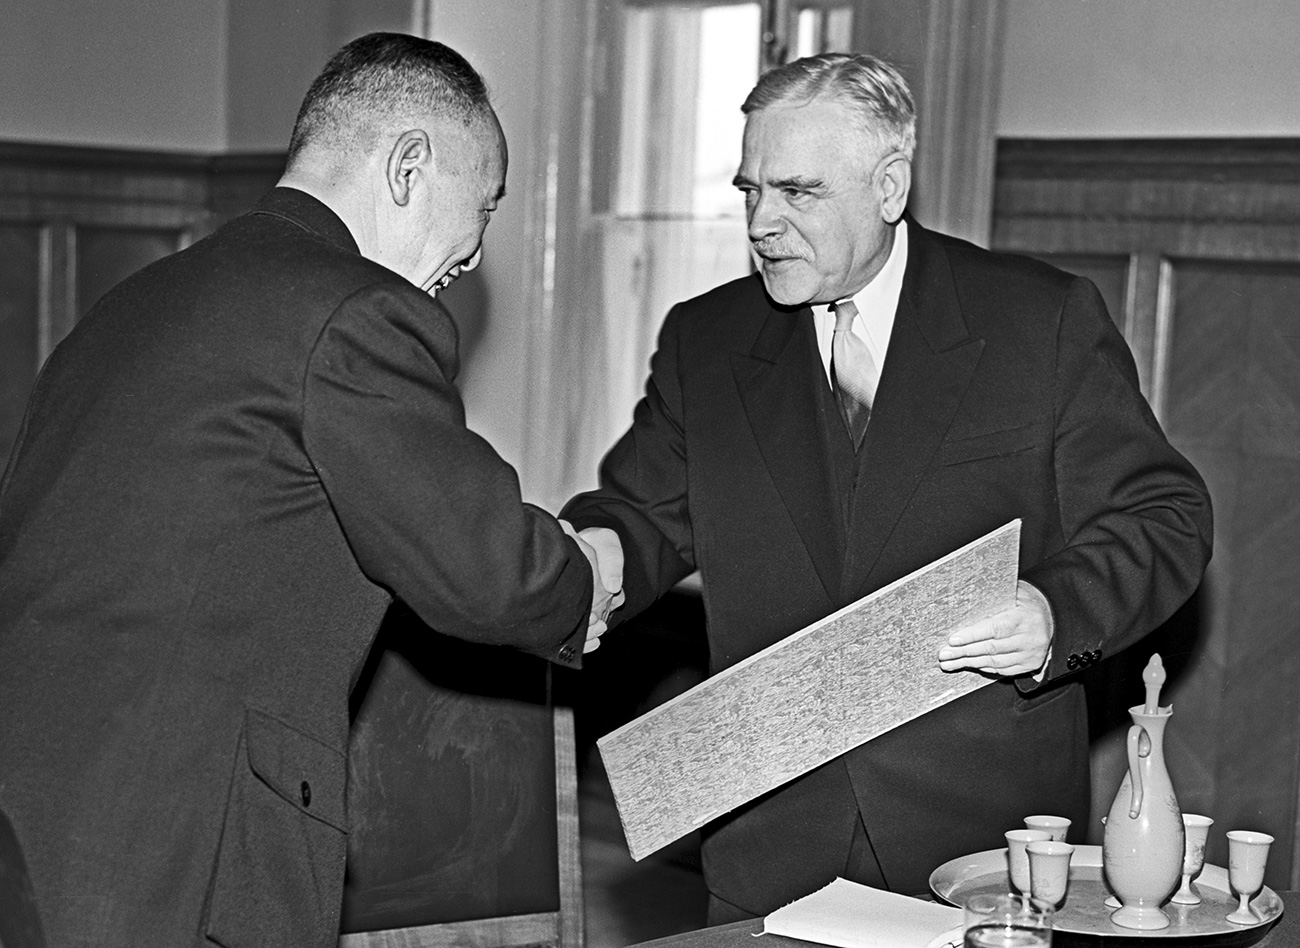 La delegación de la Sociedad de amistad soviético-china durante la celebración del aniversario del tratado de amistad y alianza soviético-chino.